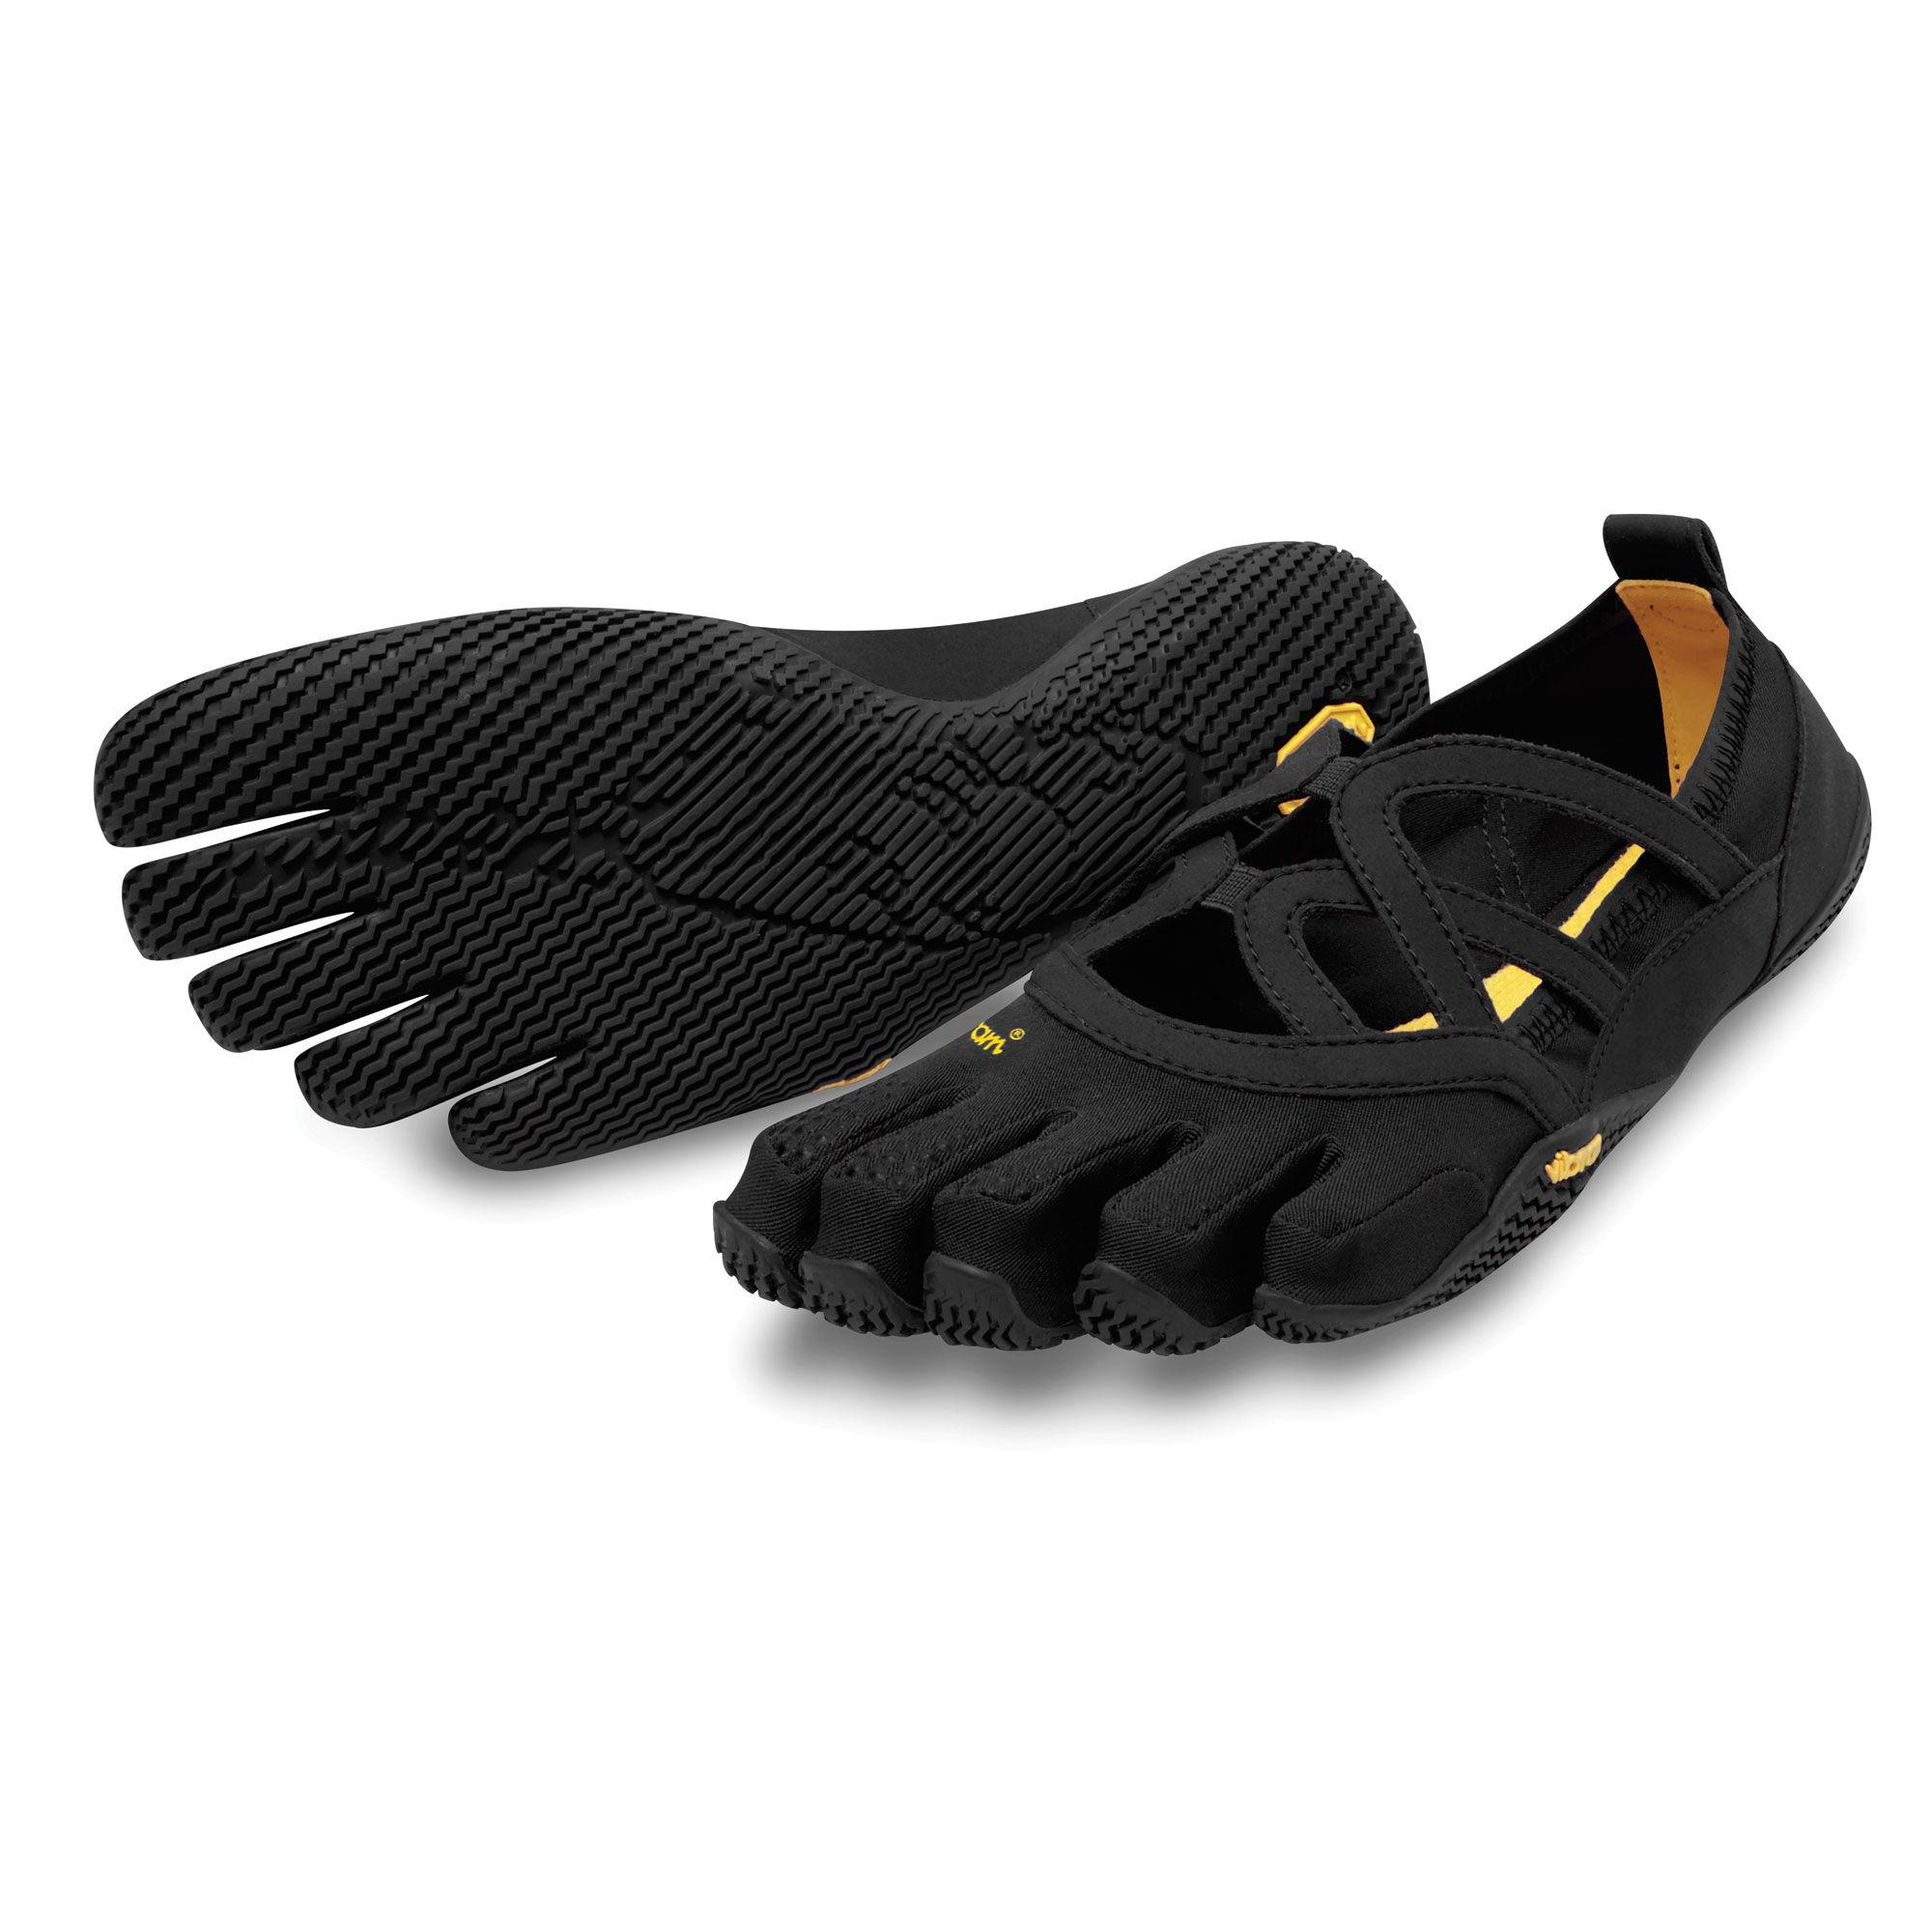 Vibram Fivefingers Alitza Loop Womens Running Shoes R15a2430